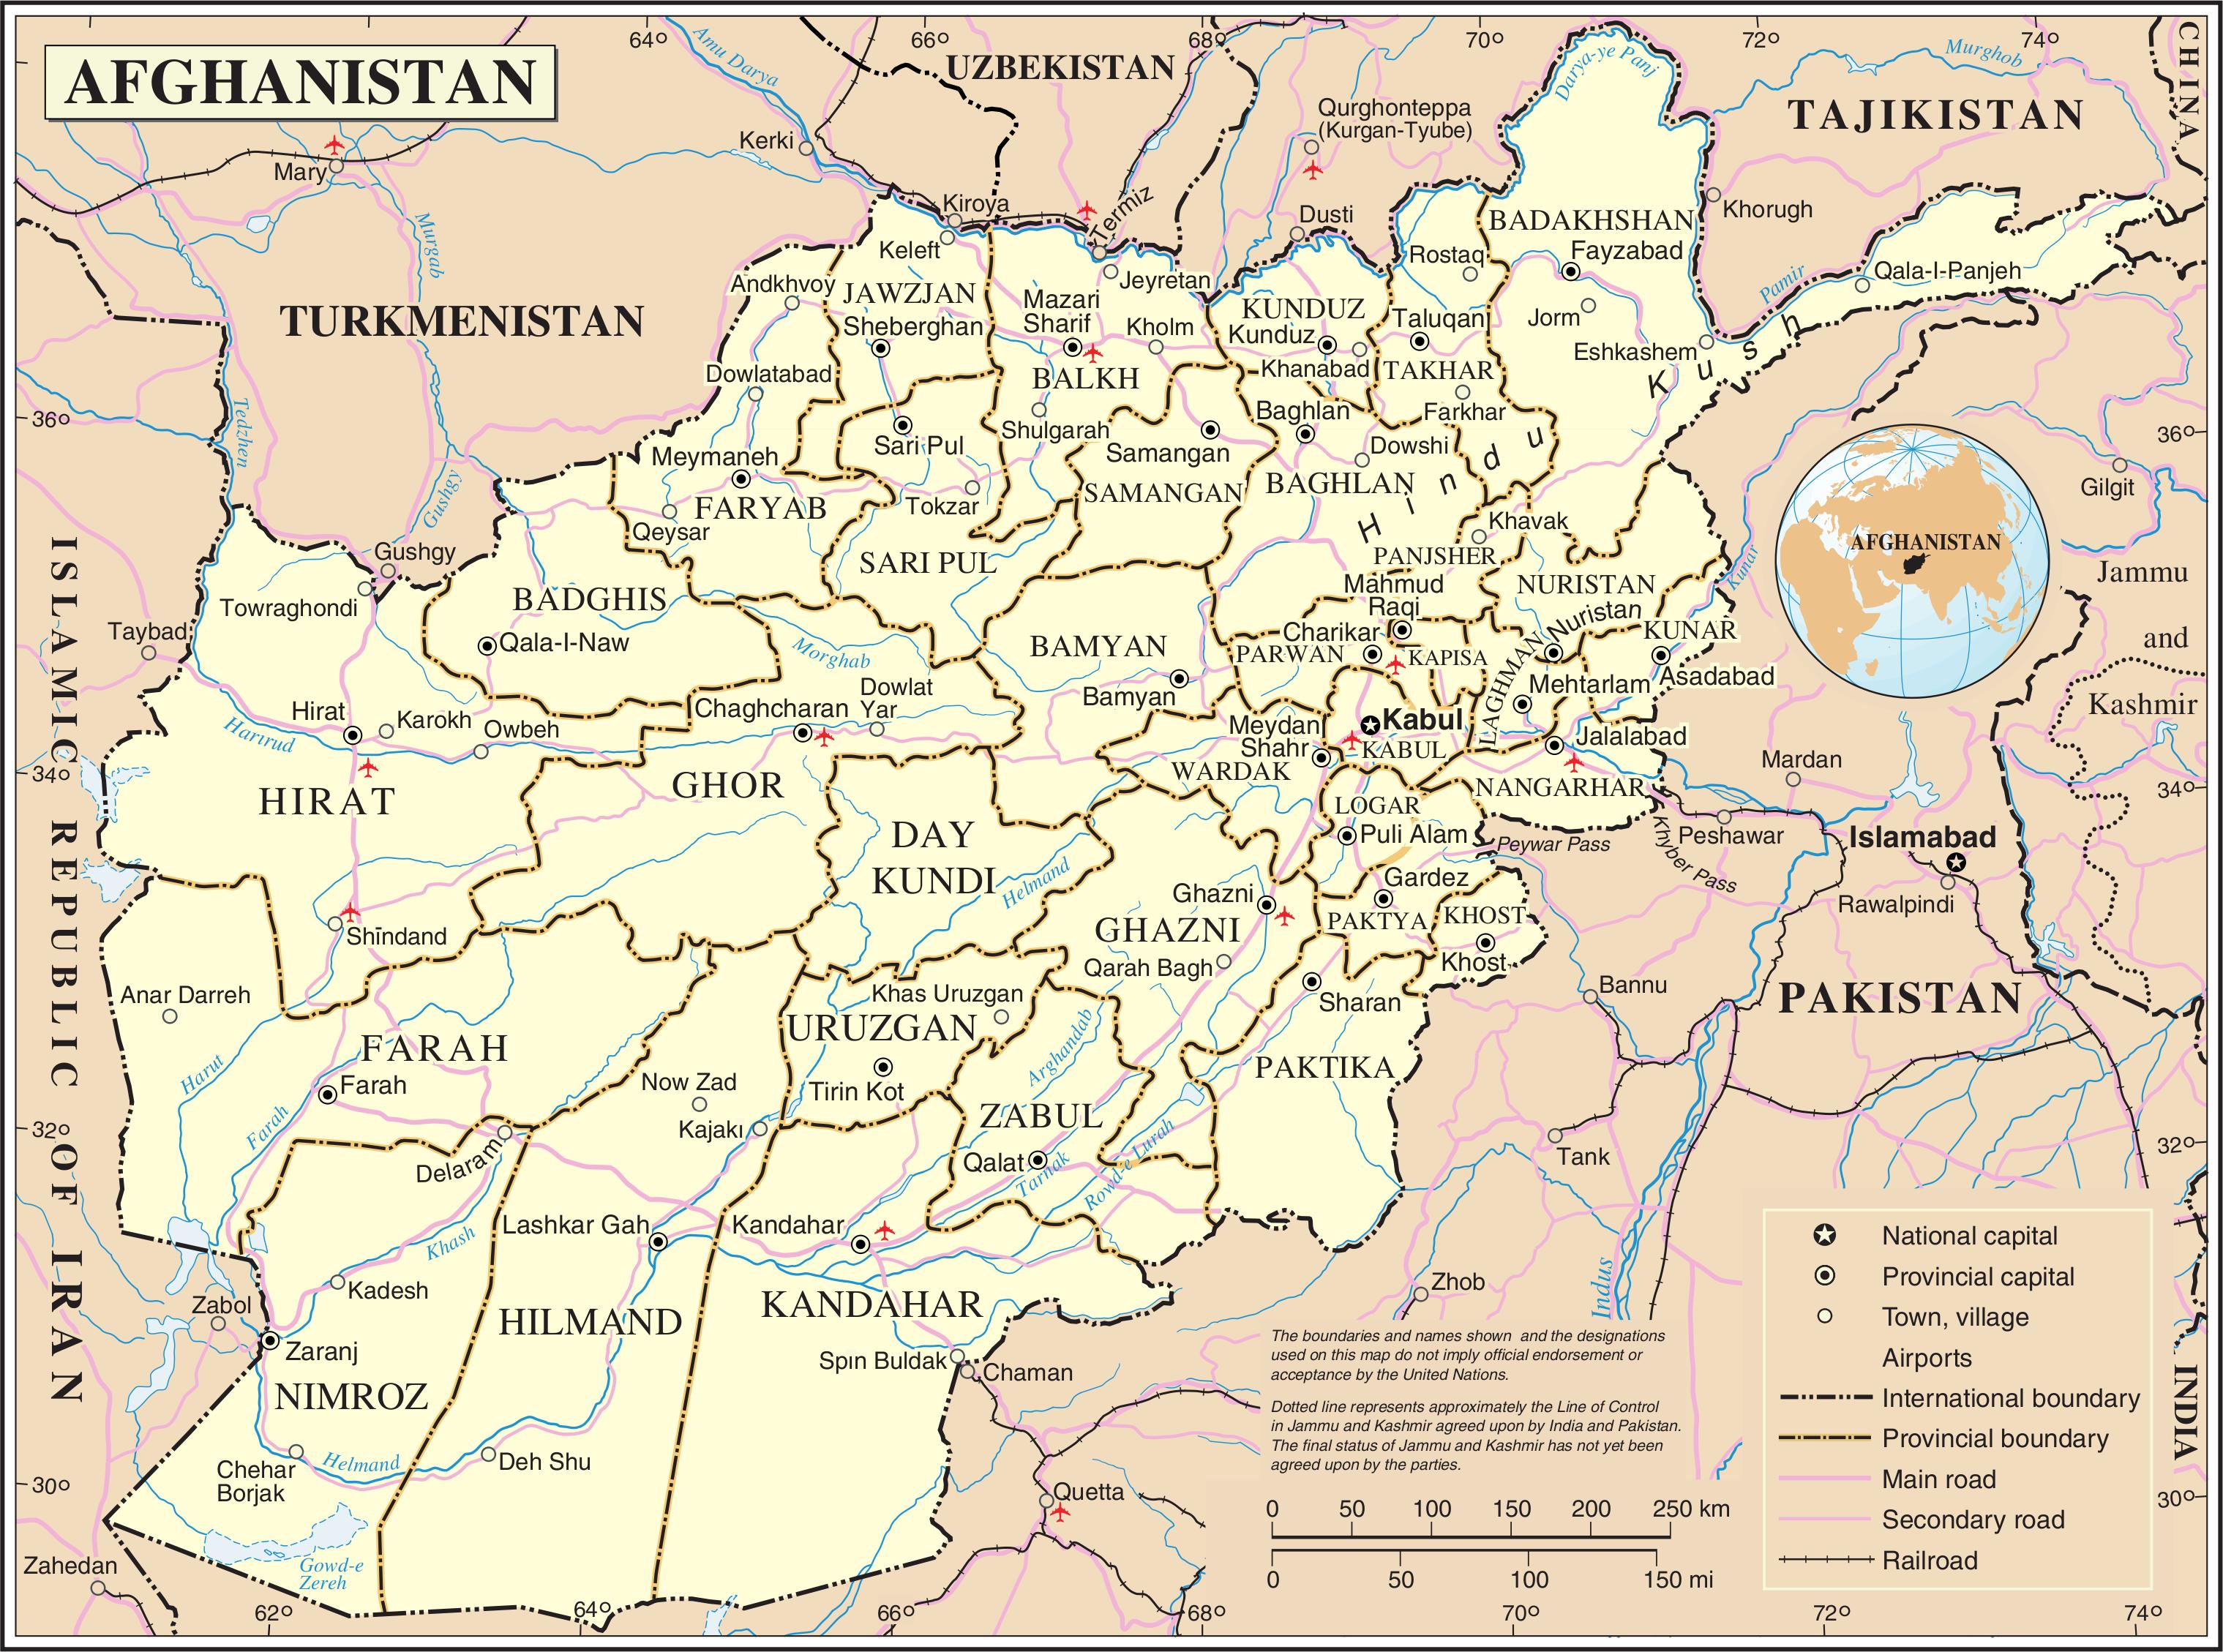 karta afghanistan File:Un afghanistan.png   Wikimedia Commons karta afghanistan